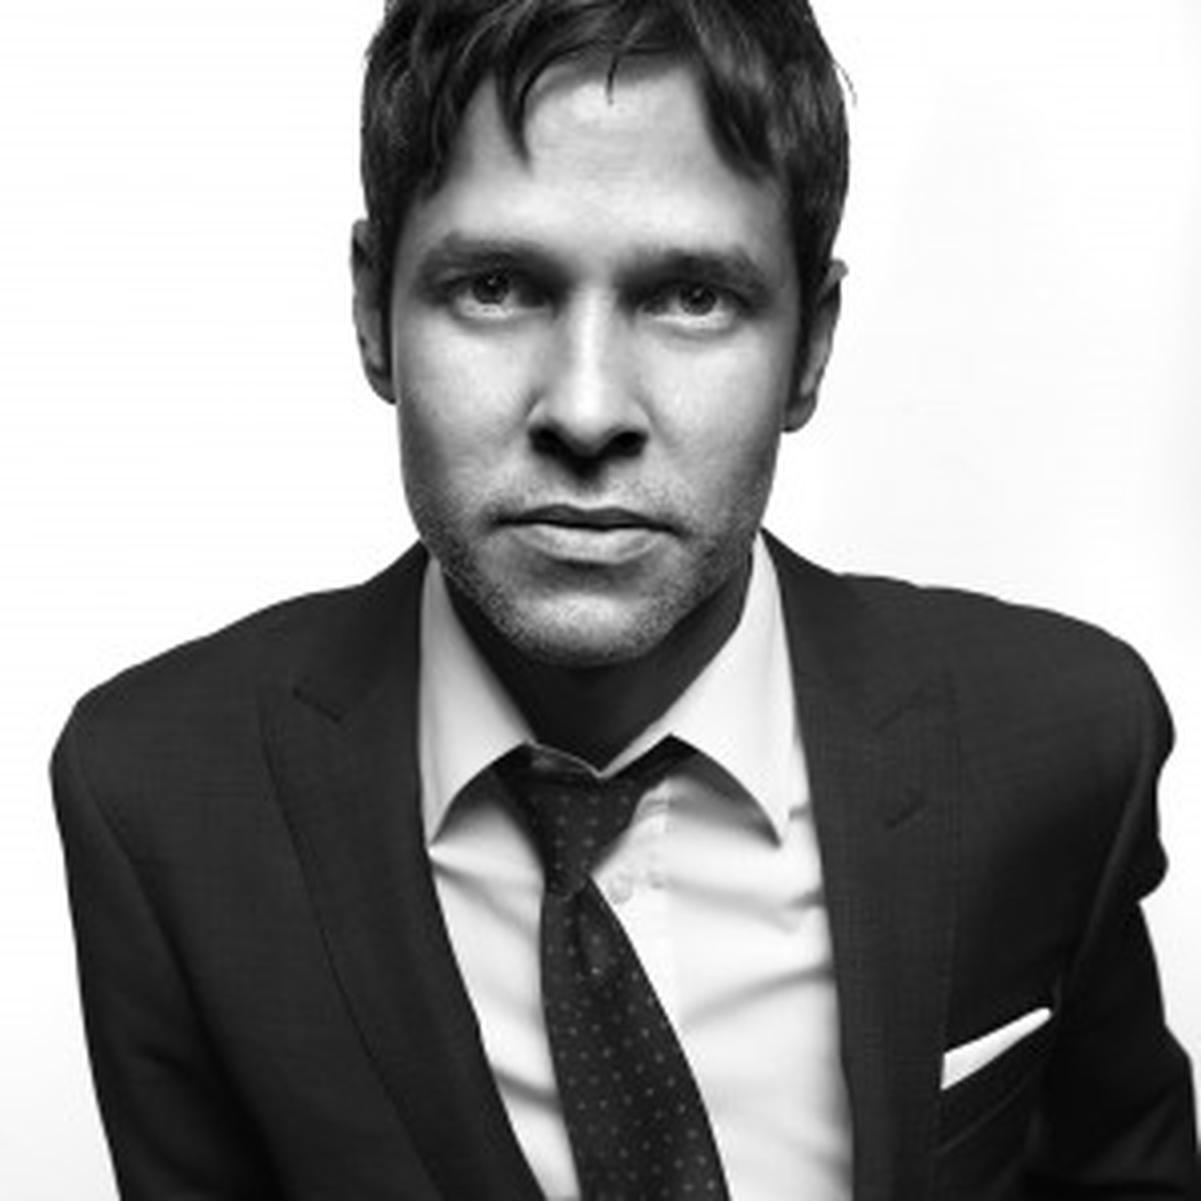 Damon Castillo